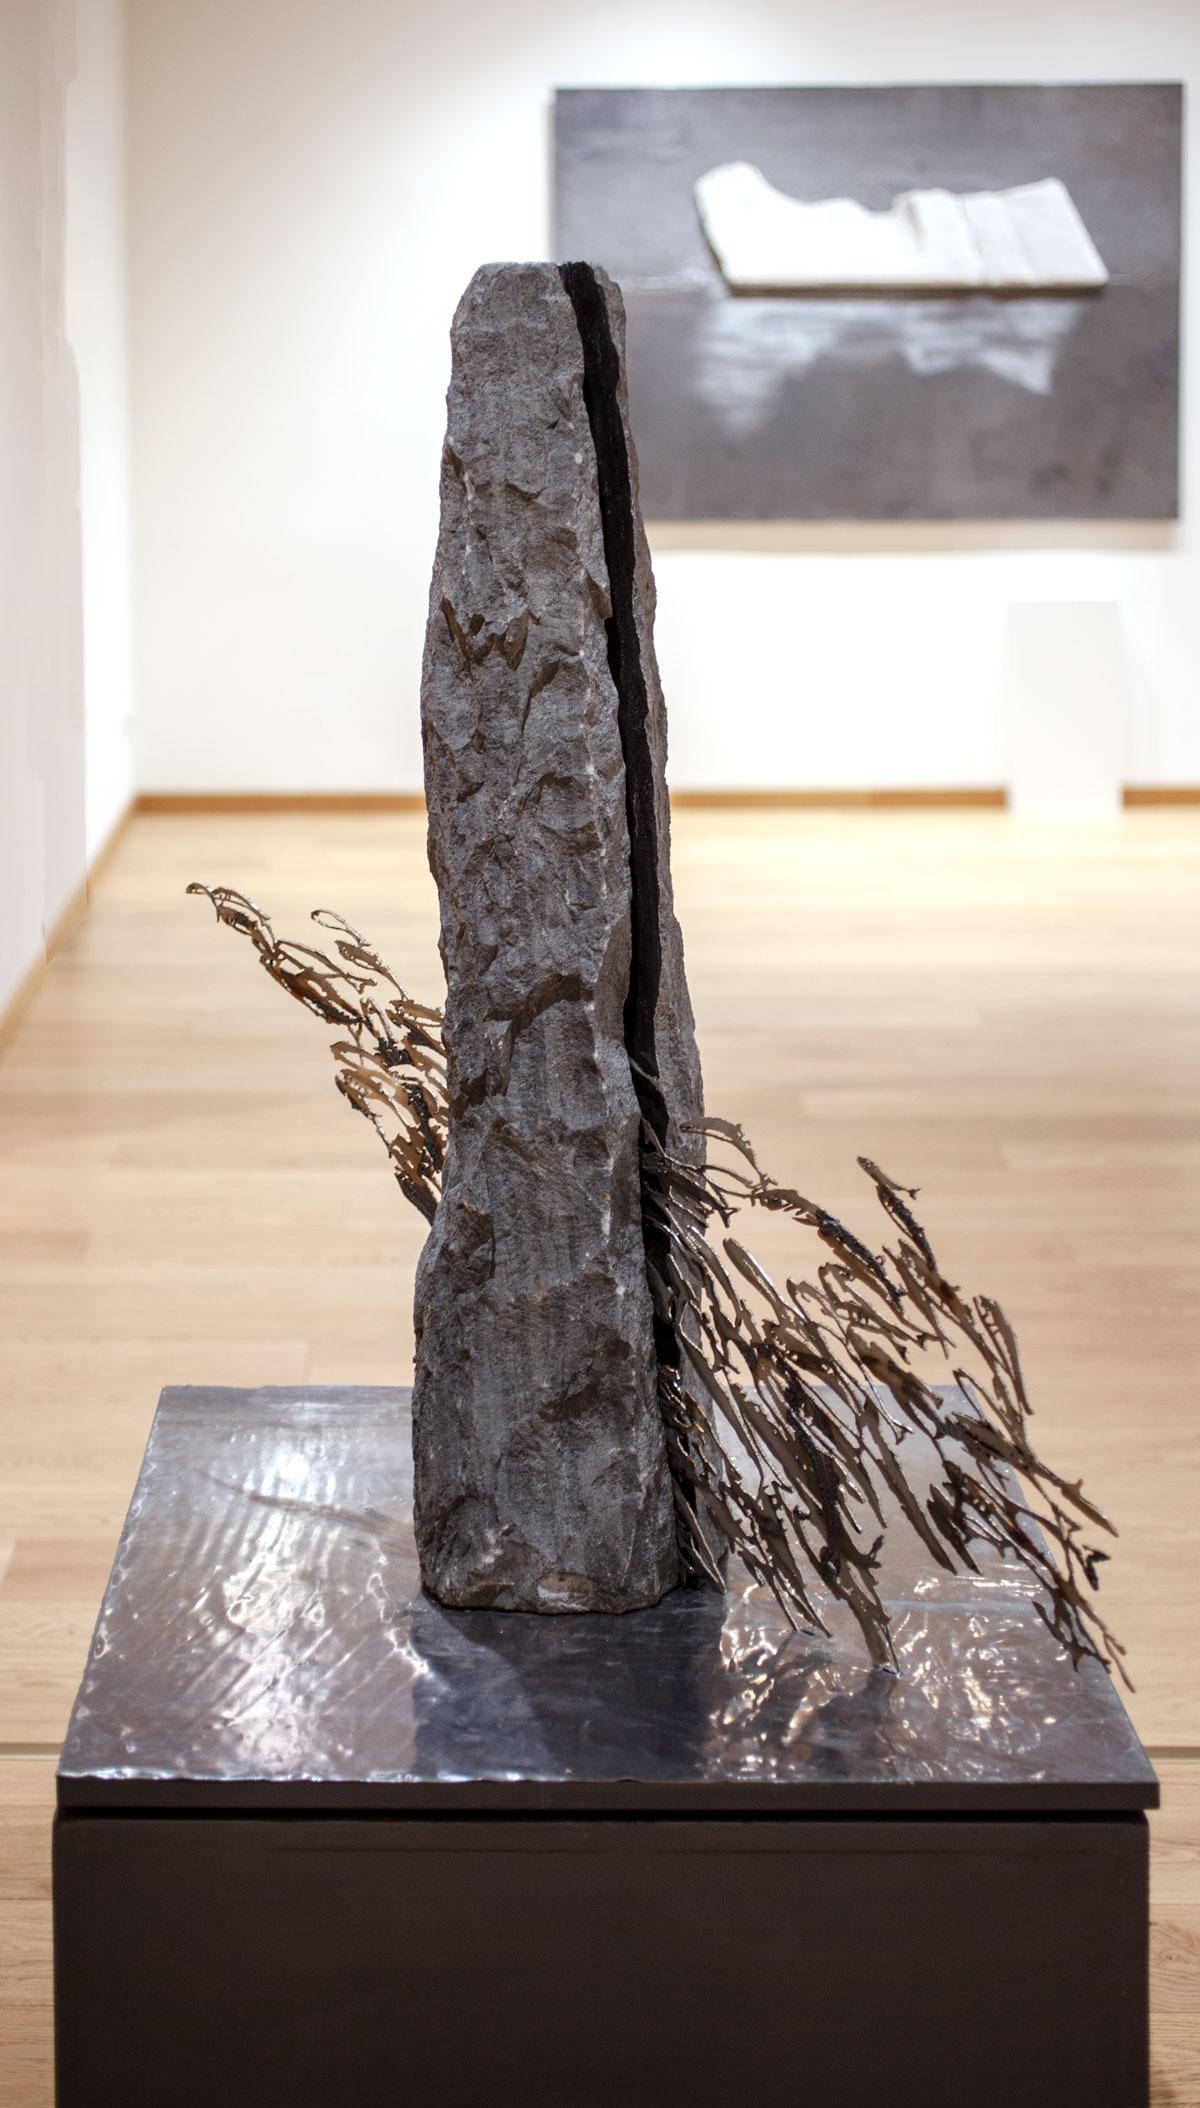 IL TAGLIO, scultura. taglio laser in inox, pietra nera e base in piombo 100x77x77cm, 2018